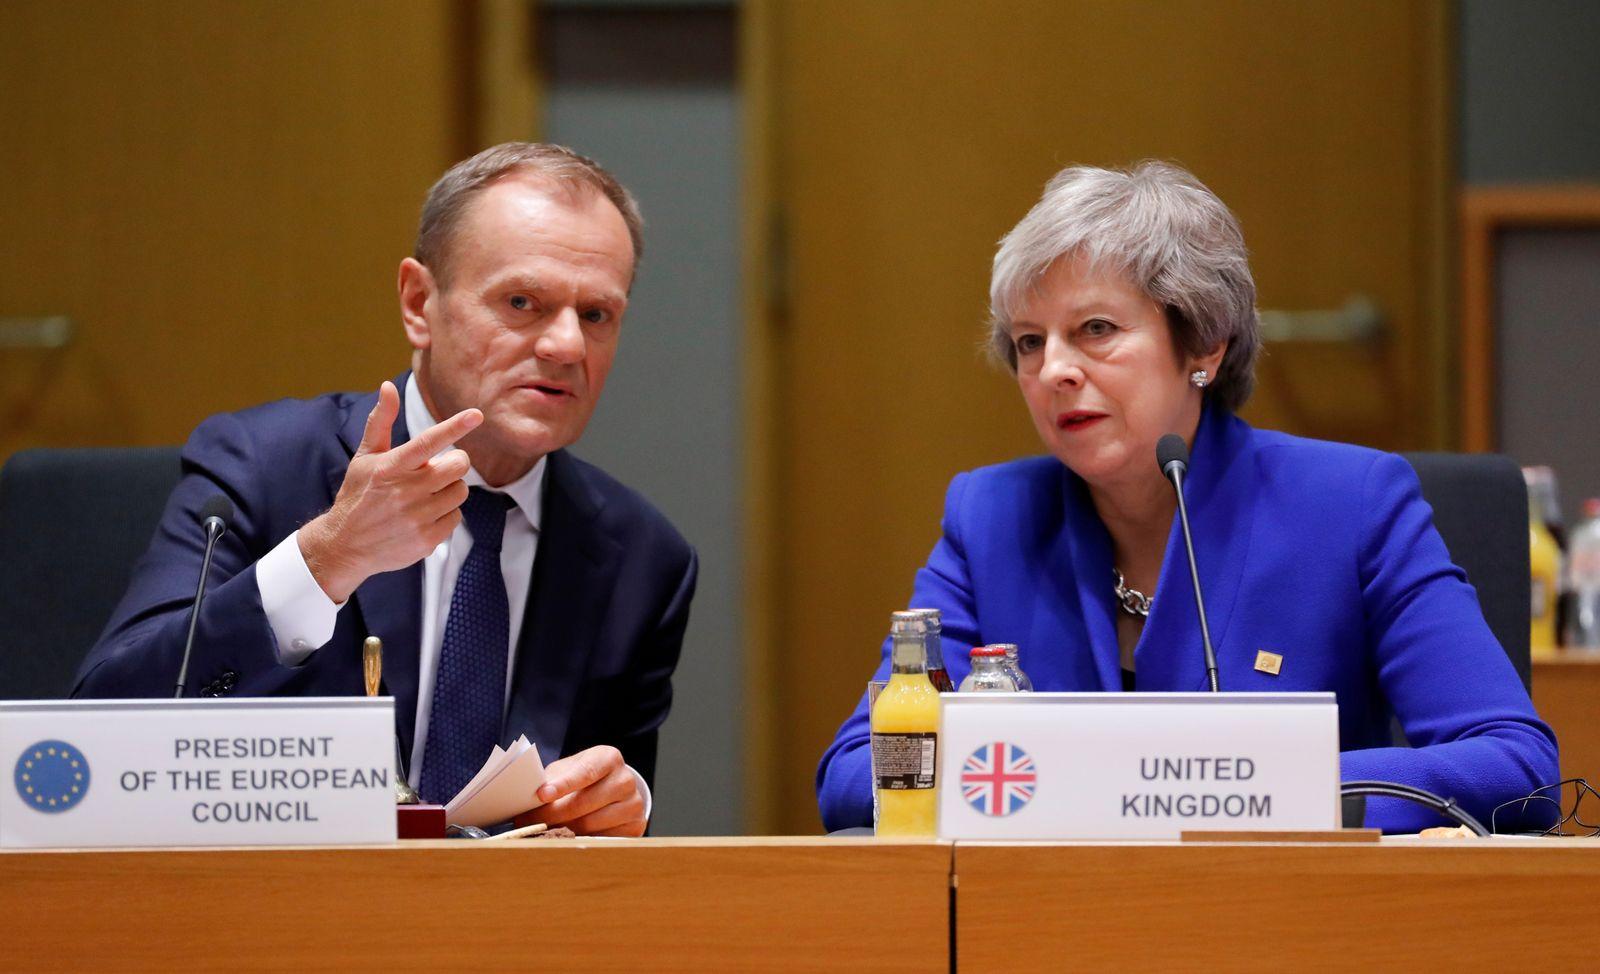 Donald Tusk / Theresa May